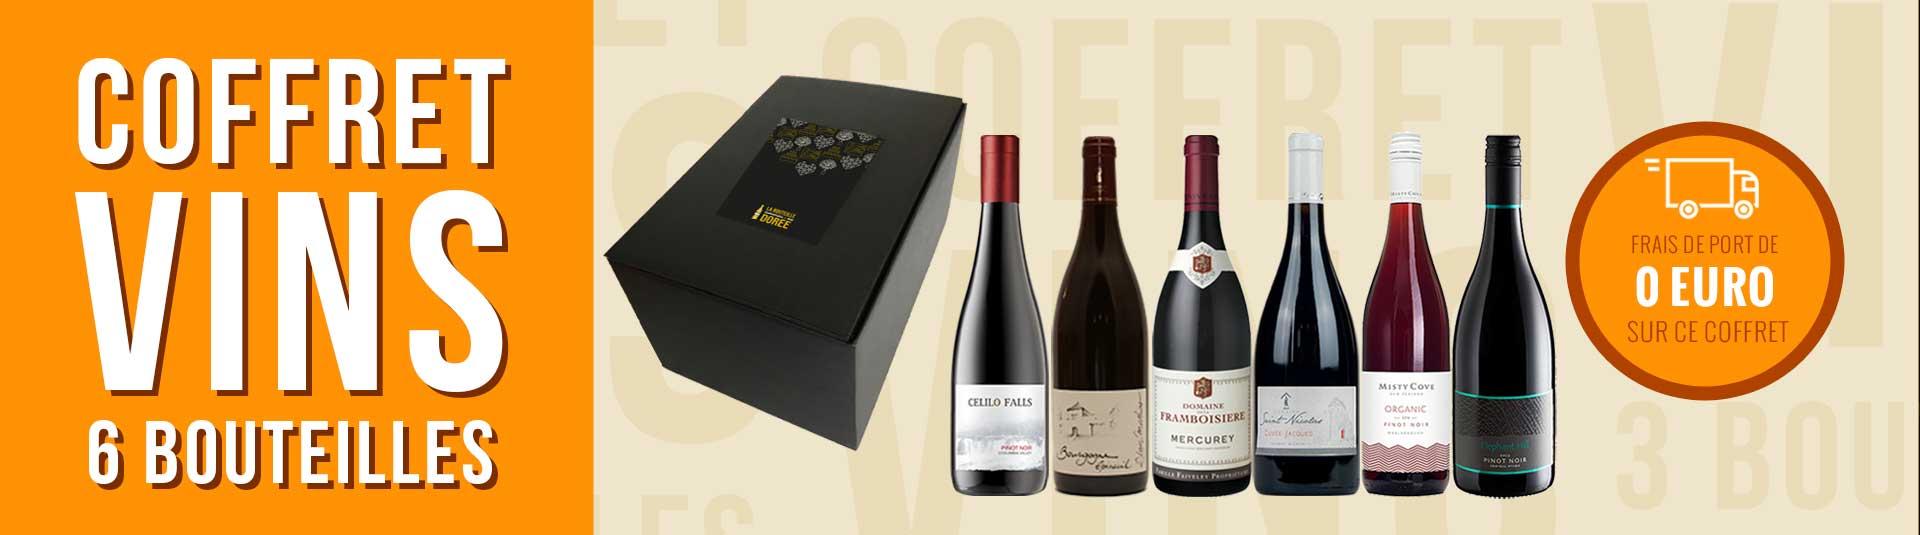 Coffret vin Pinot Noir 6 bouteilles